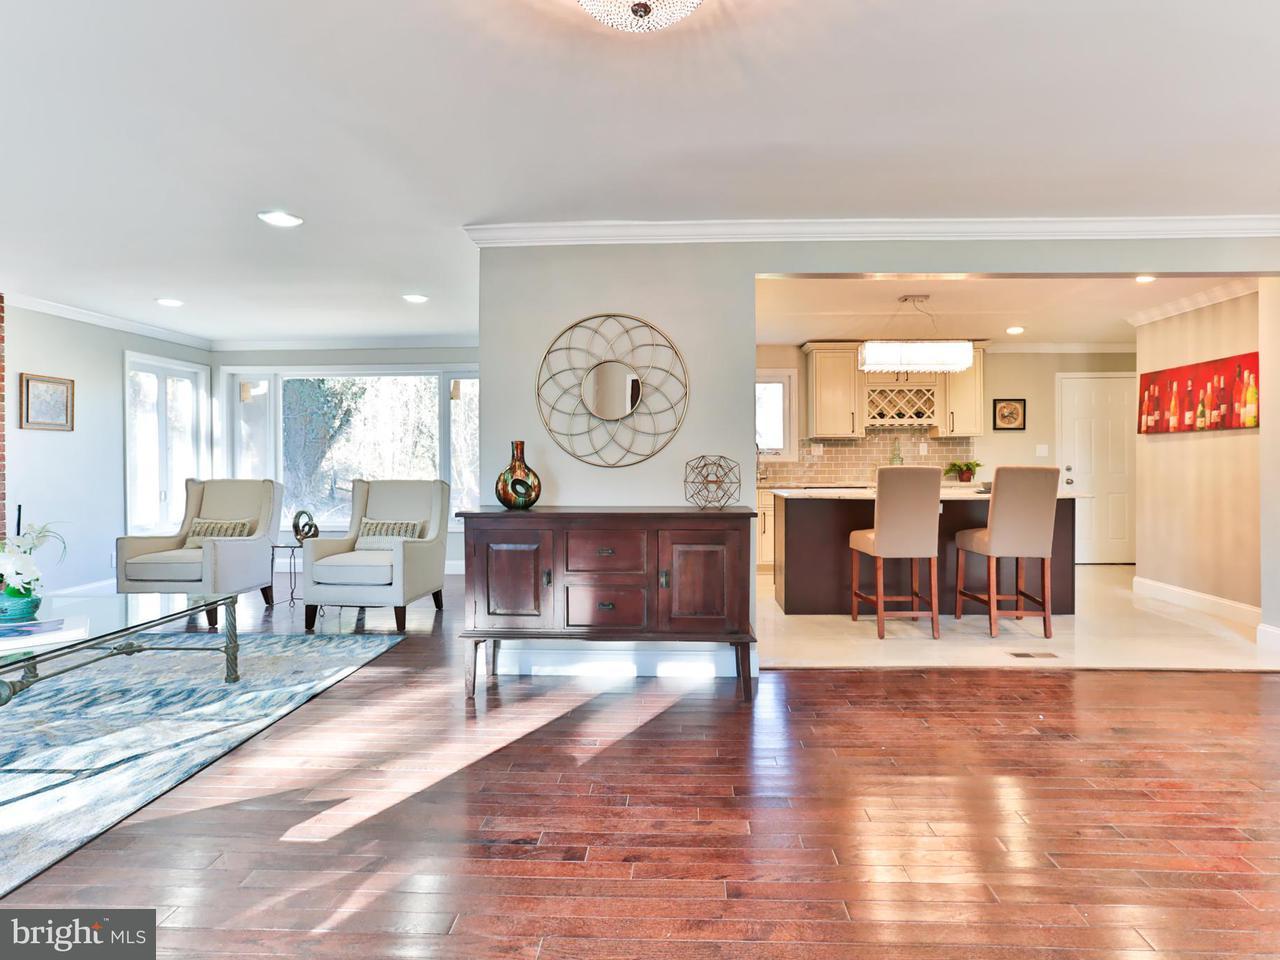 Частный односемейный дом для того Продажа на 4526 LONG GREEN Road 4526 LONG GREEN Road Glen Arm, Мэриленд 21057 Соединенные Штаты